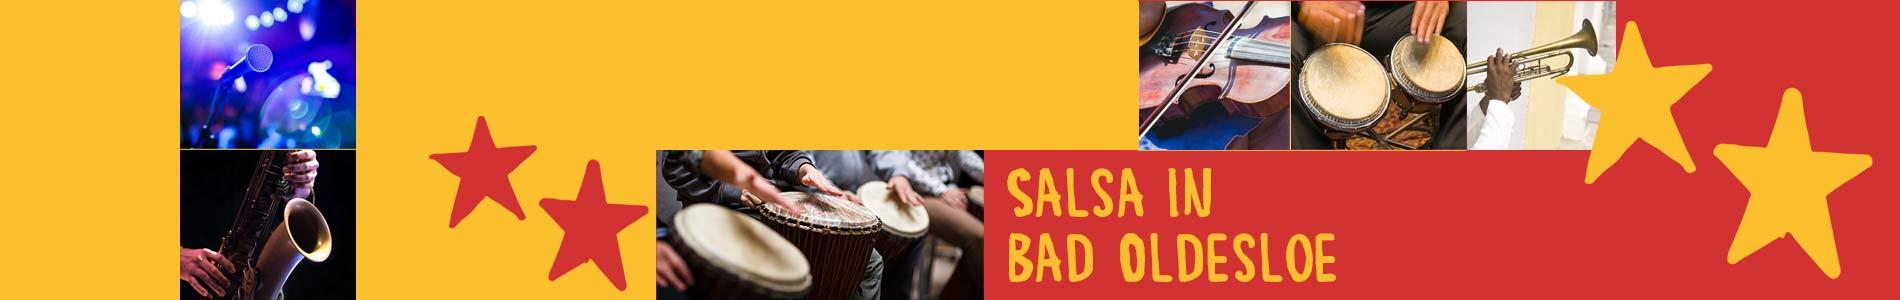 Salsa in Bad Oldesloe – Salsa lernen und tanzen, Tanzkurse, Partys, Veranstaltungen